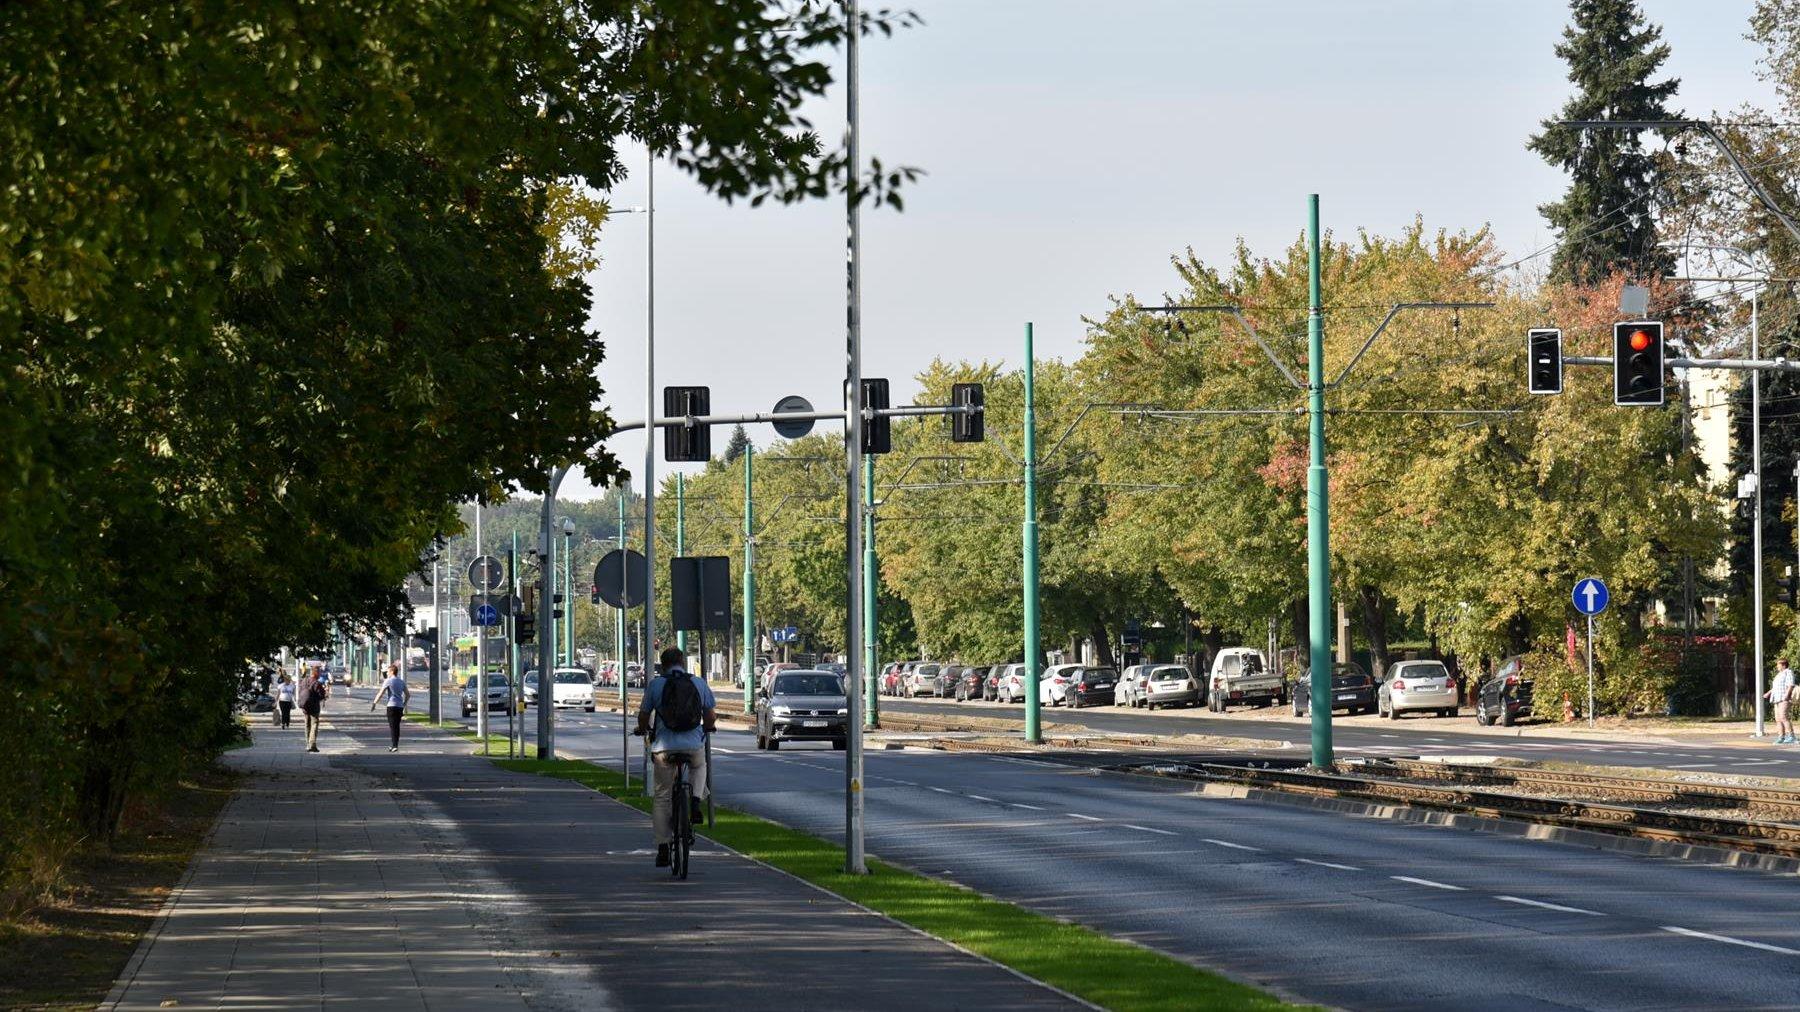 Nowa droga rowerowa wzdłuż ul. Grunwaldzkiej. Po lewej stronie drzewa, po prawej - ulica i tory tramwajowe - grafika artykułu